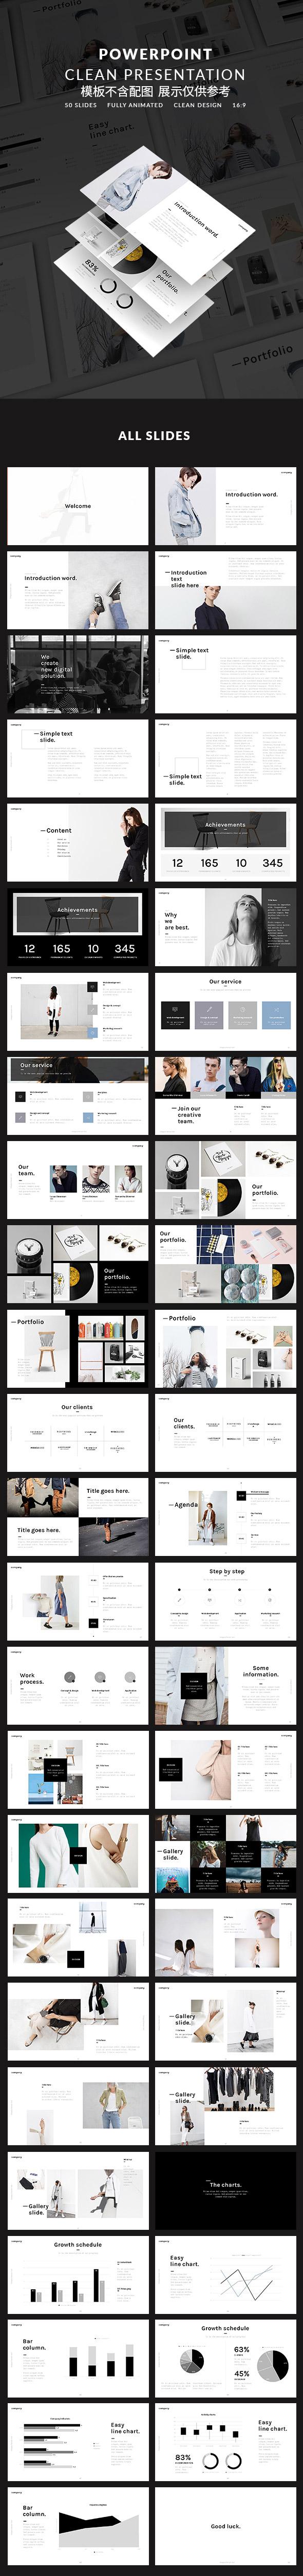 产品方案展示PPT